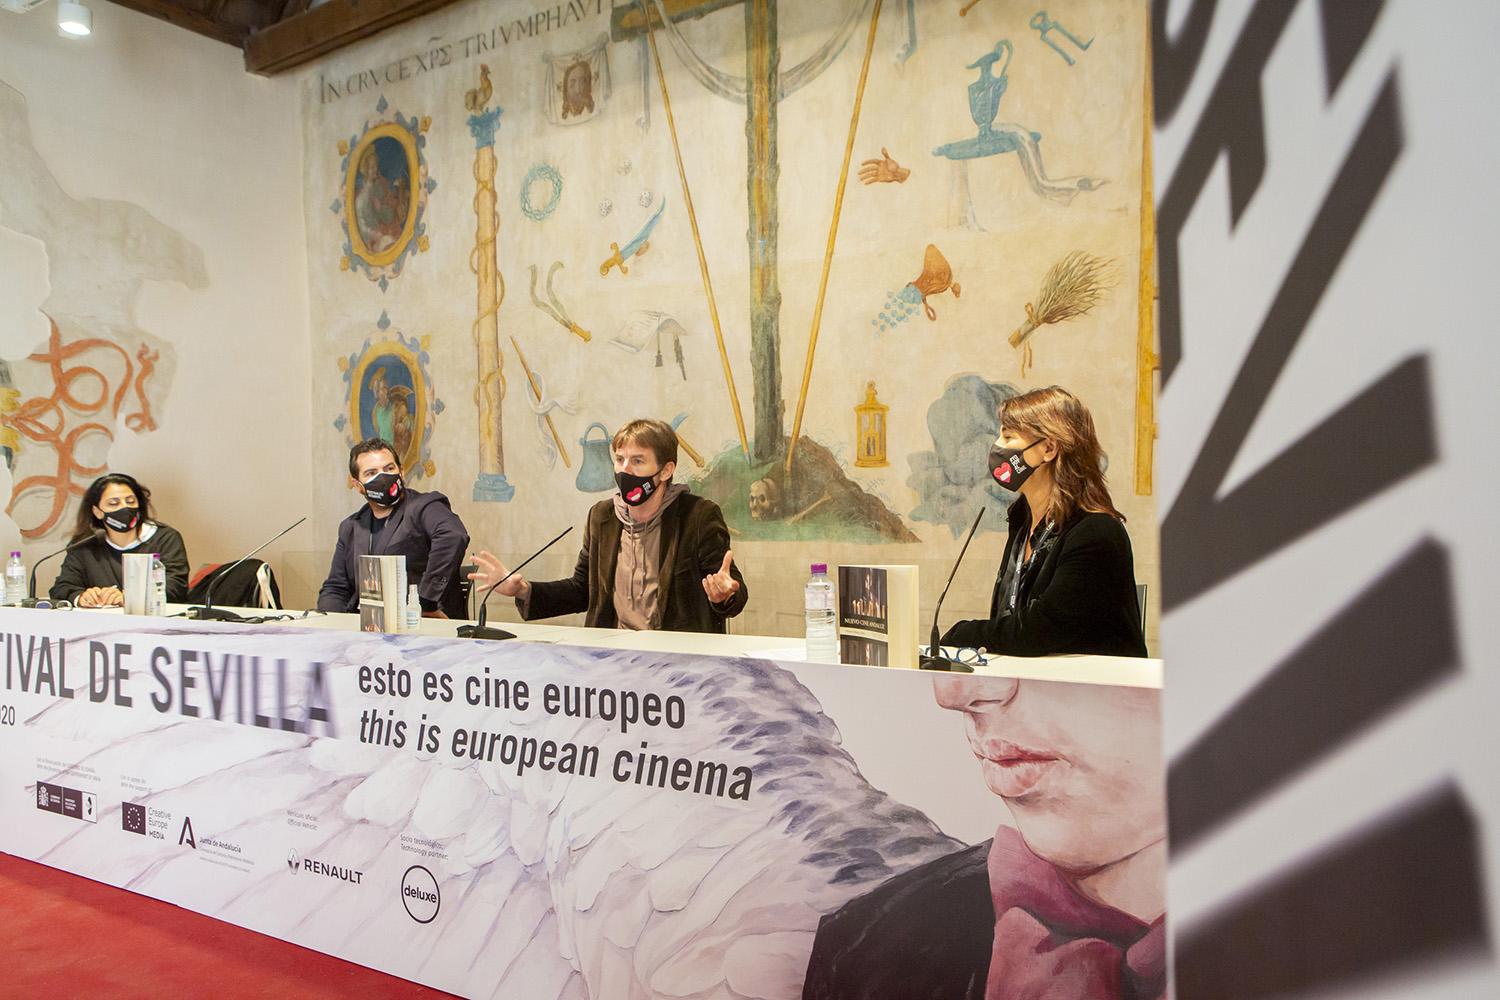 El Festival de Sevilla resiste en las salas